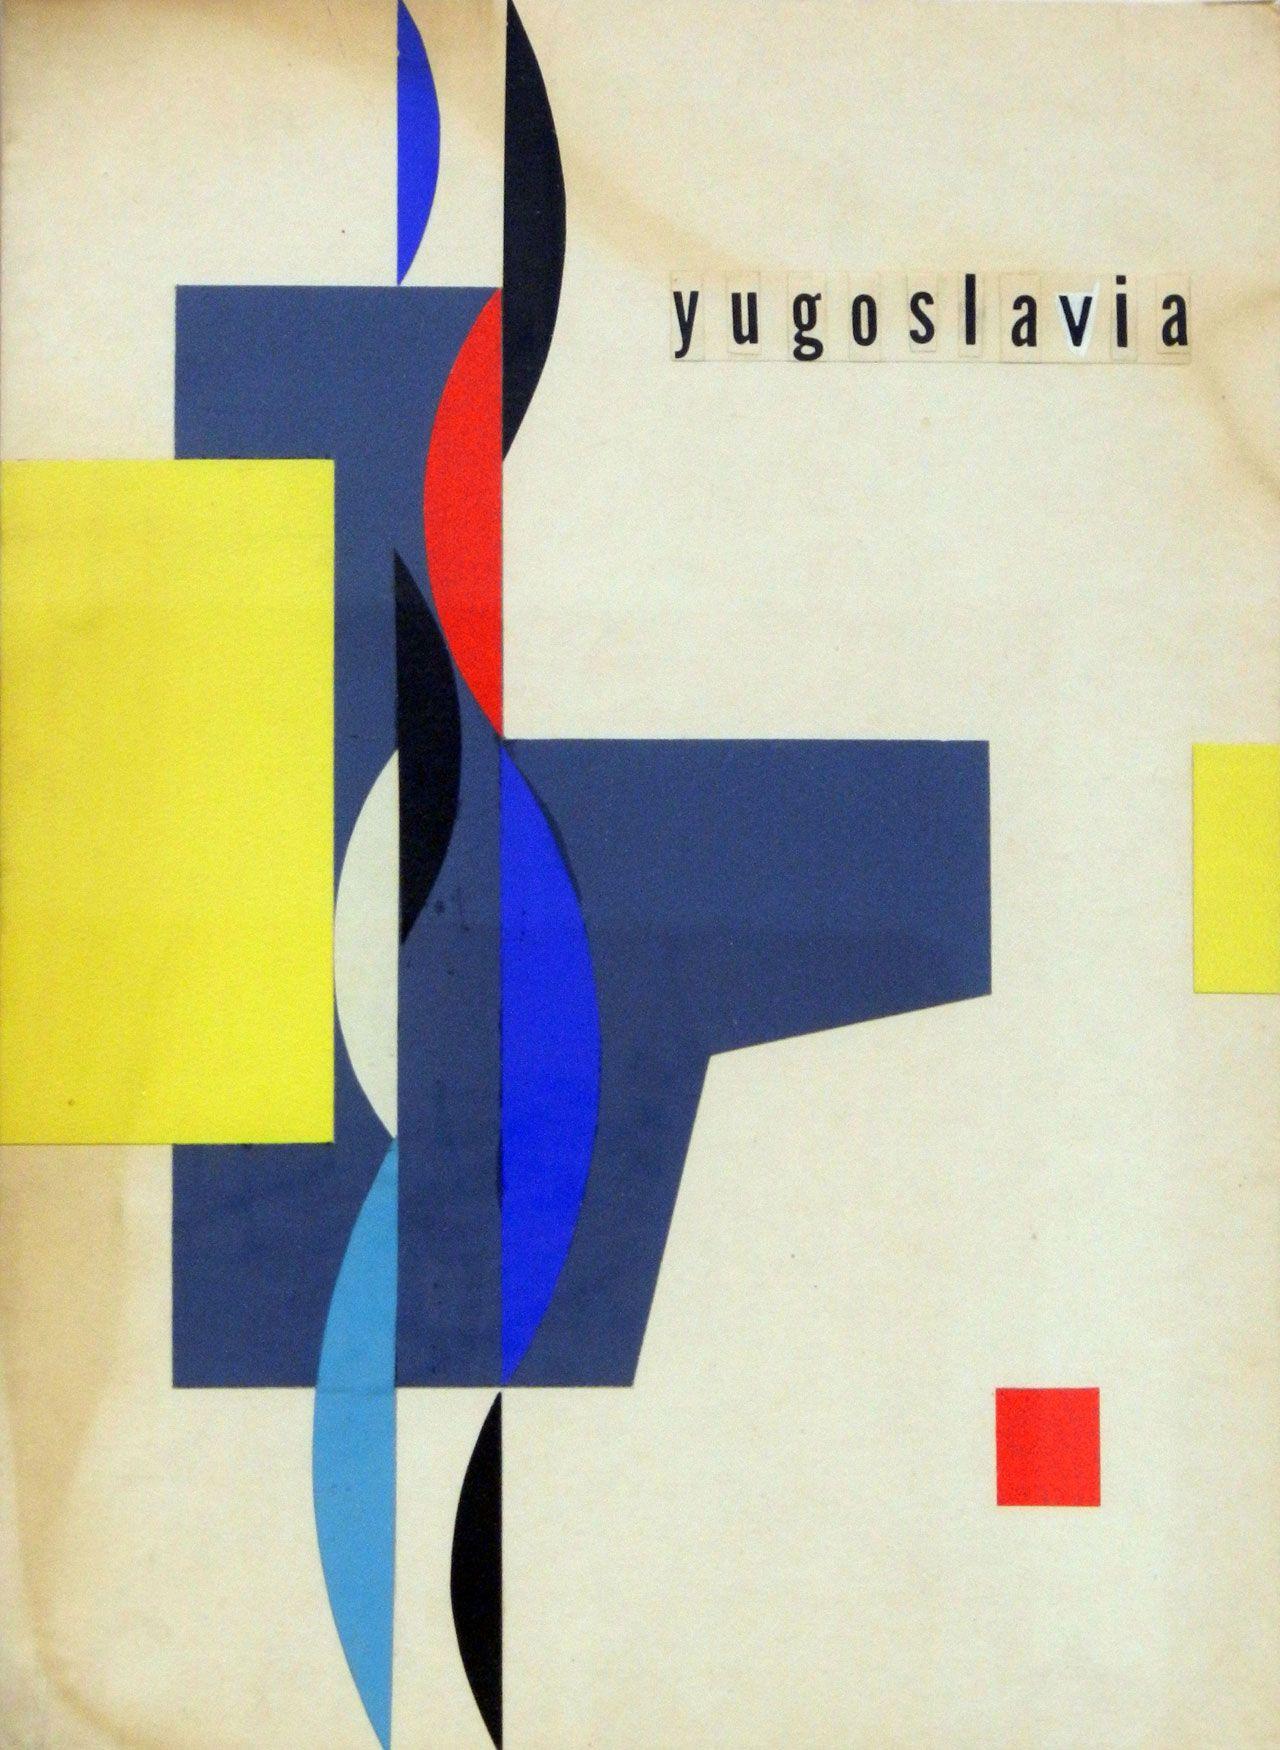 Aleksandar Srnec, makete časopisa Yugoslavia.